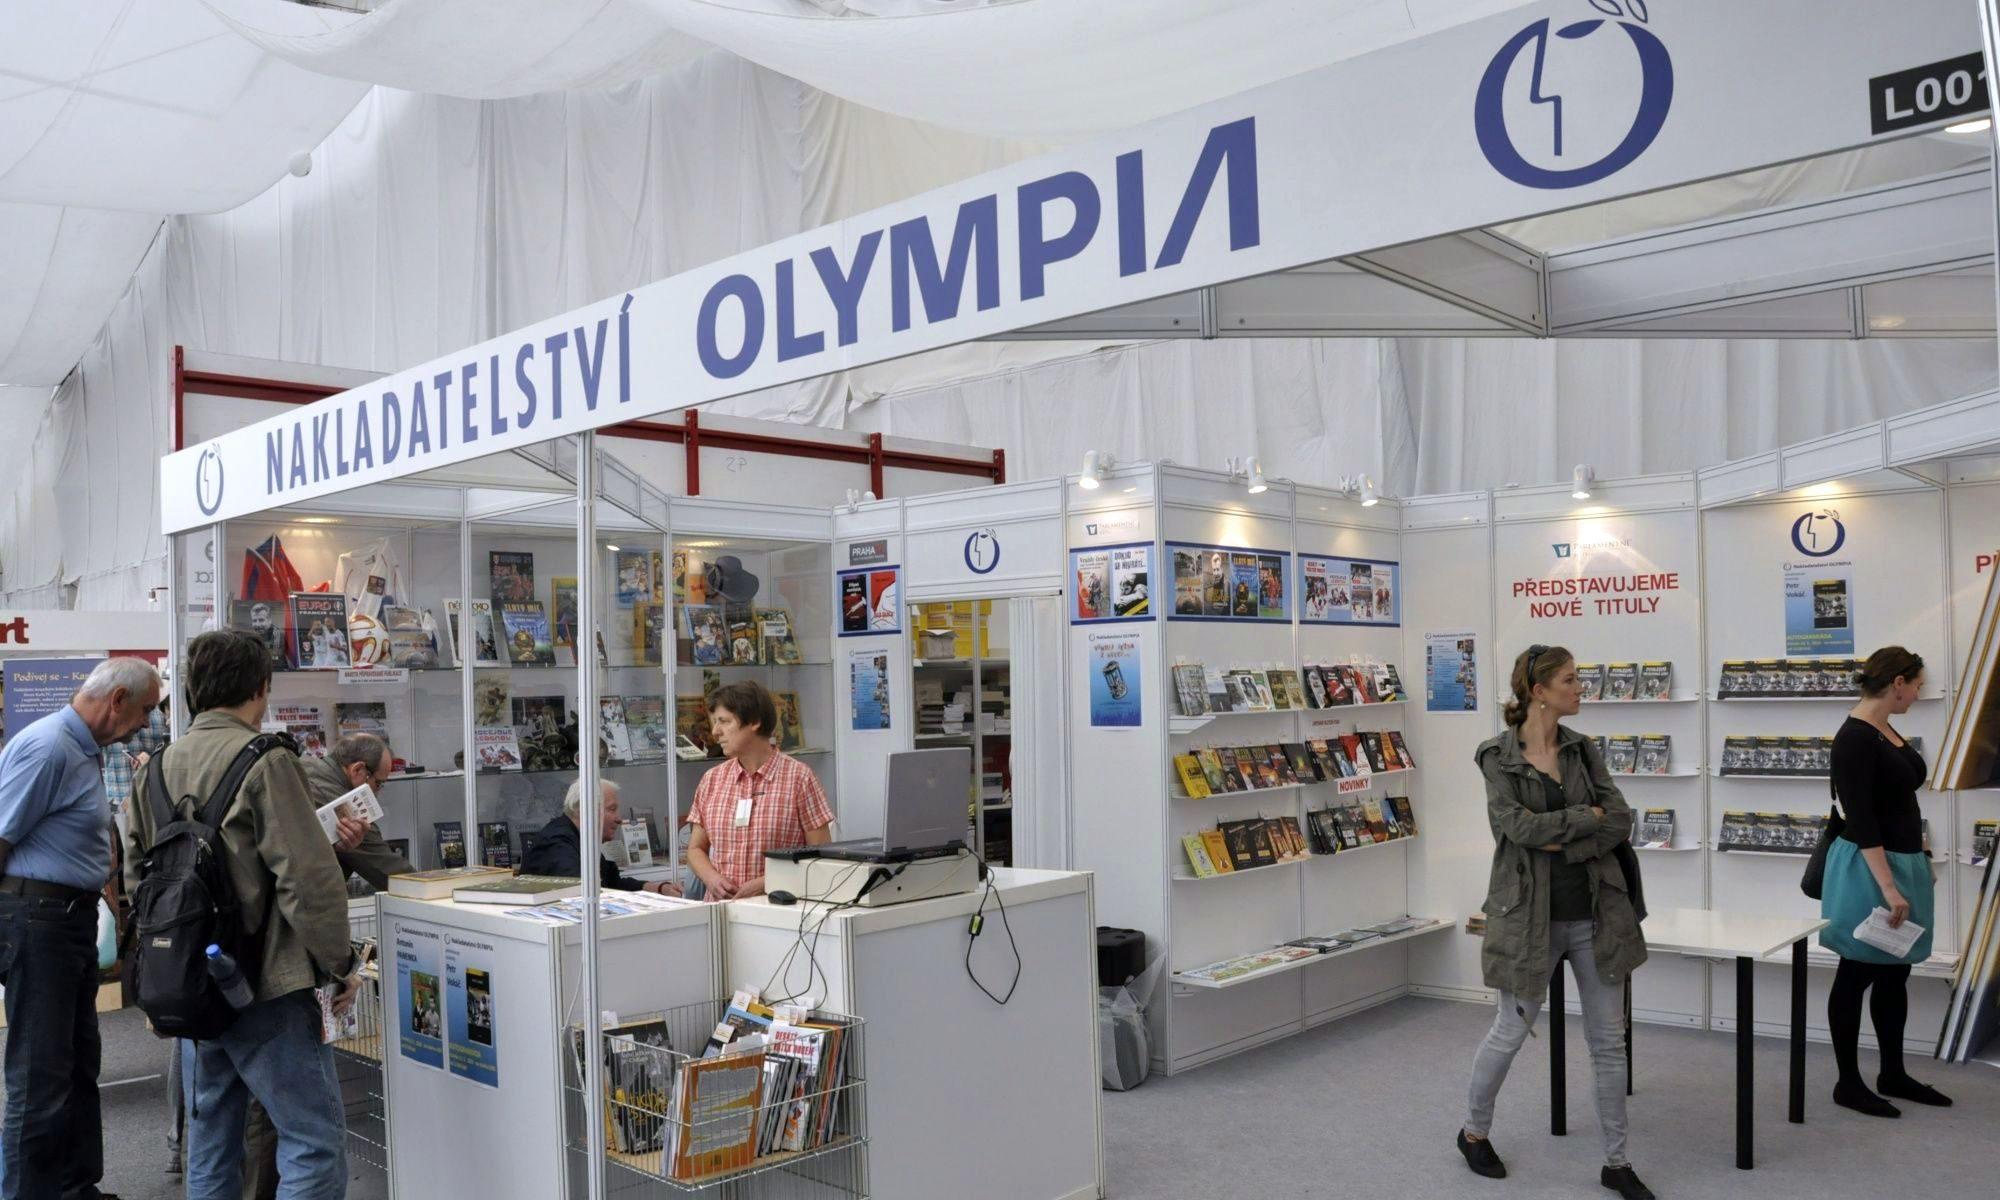 Nakladatelství Olympia Fórum